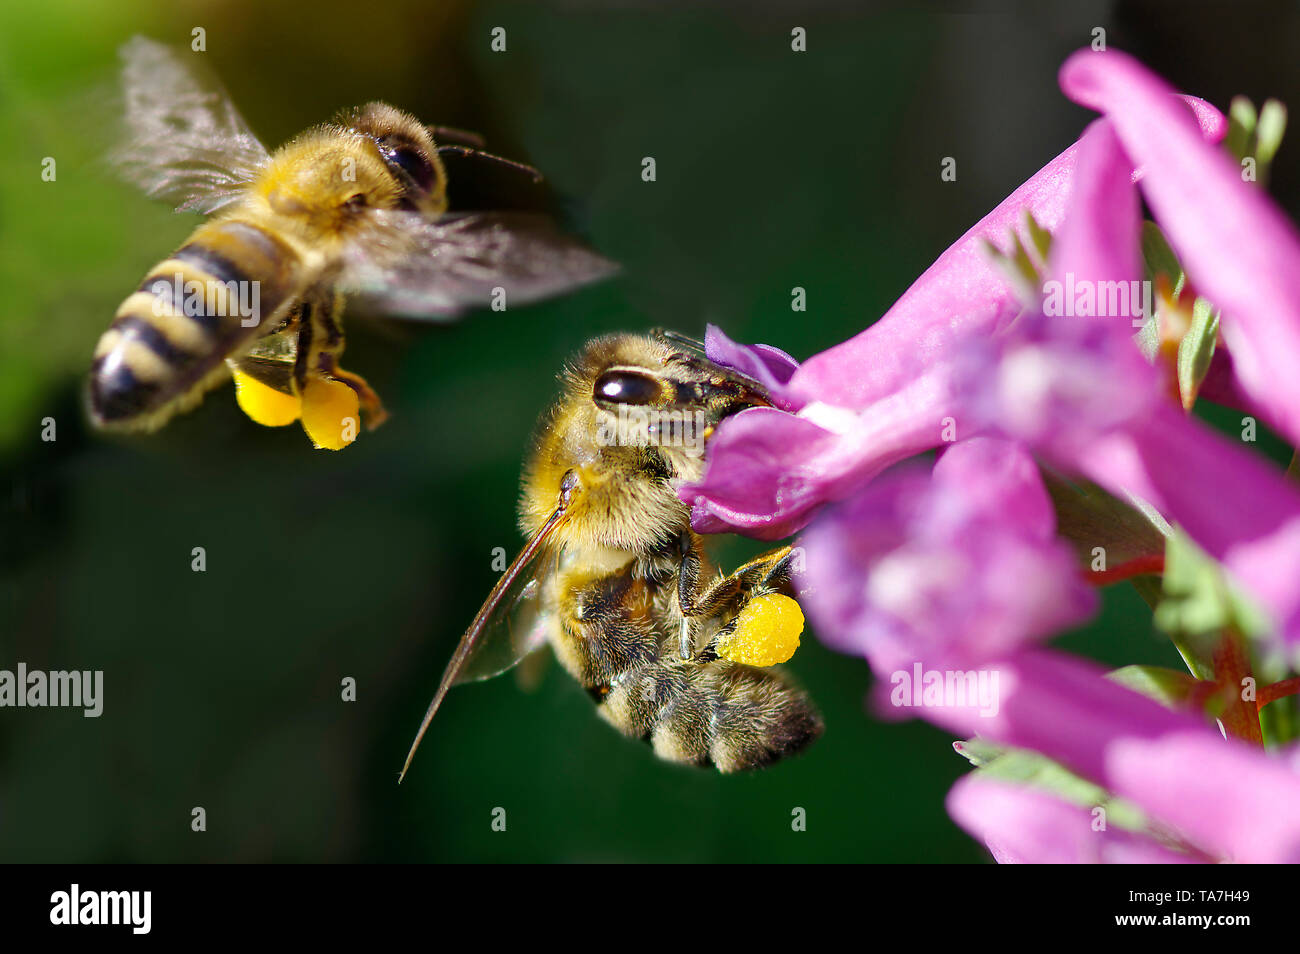 Miel de abejas (Apis mellifica Apis mellifera). Trabajador en Fumewort Corydalis (solida) flores, otro en el aterrizaje. Ambos con cestas de polen en las patas traseras. Alemania Foto de stock